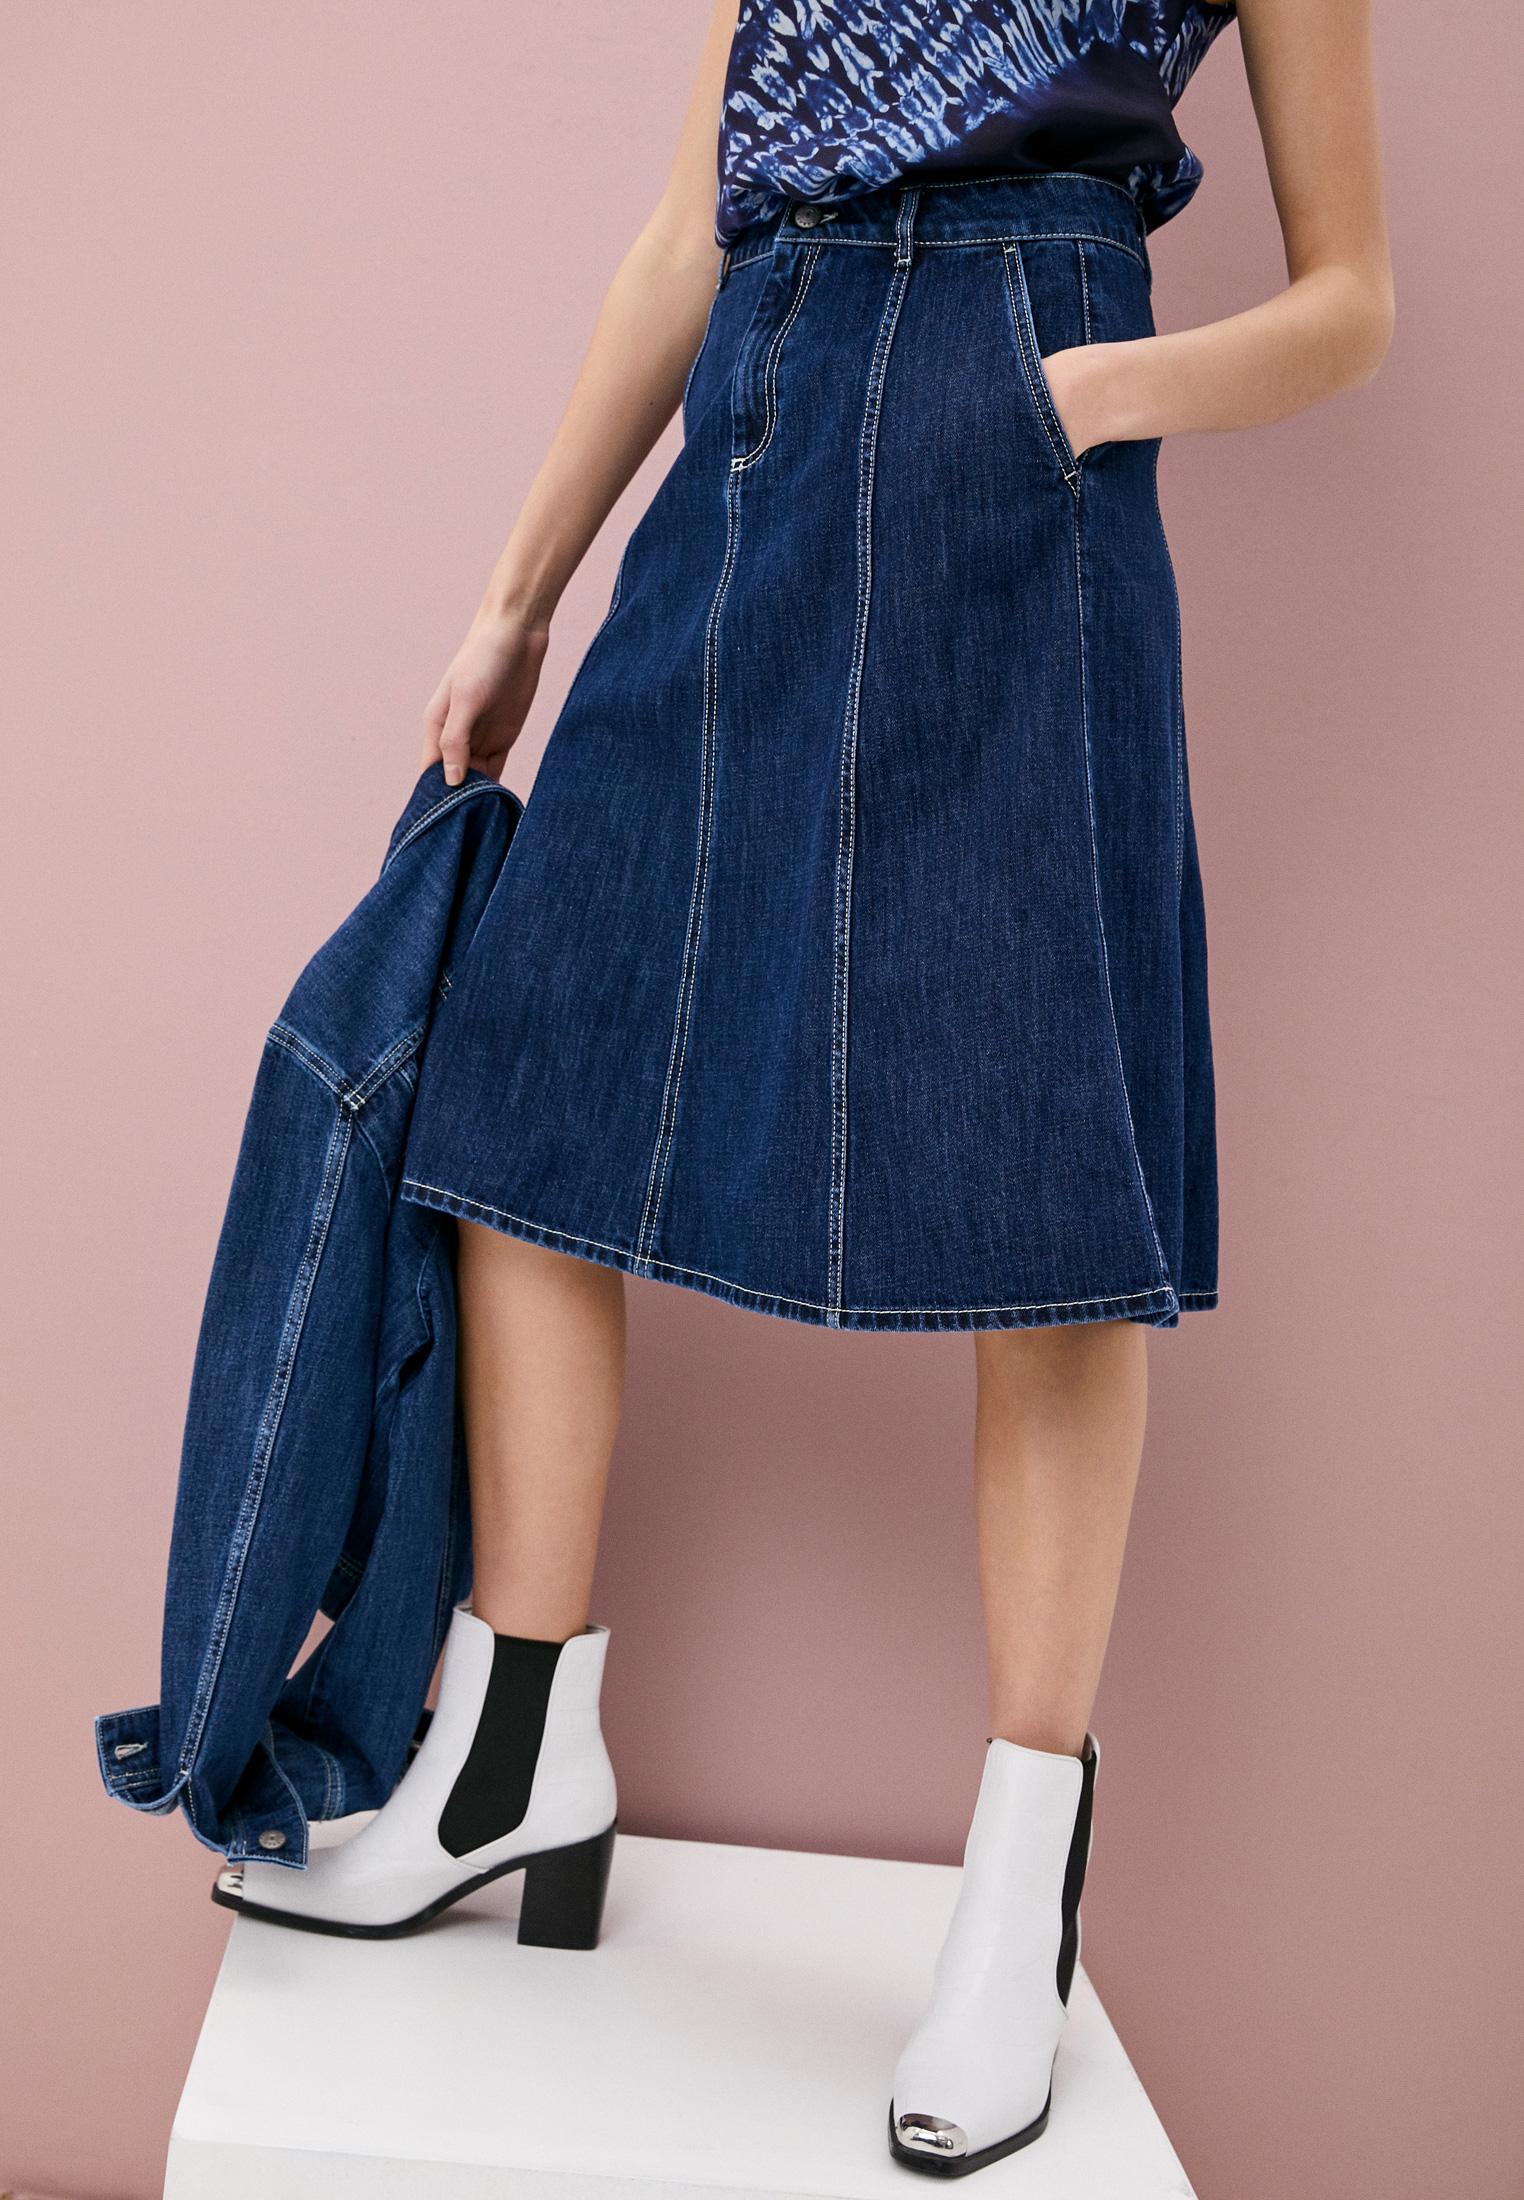 Джинсовая юбка P.A.R.O.S.H. CEANSID620407: изображение 2